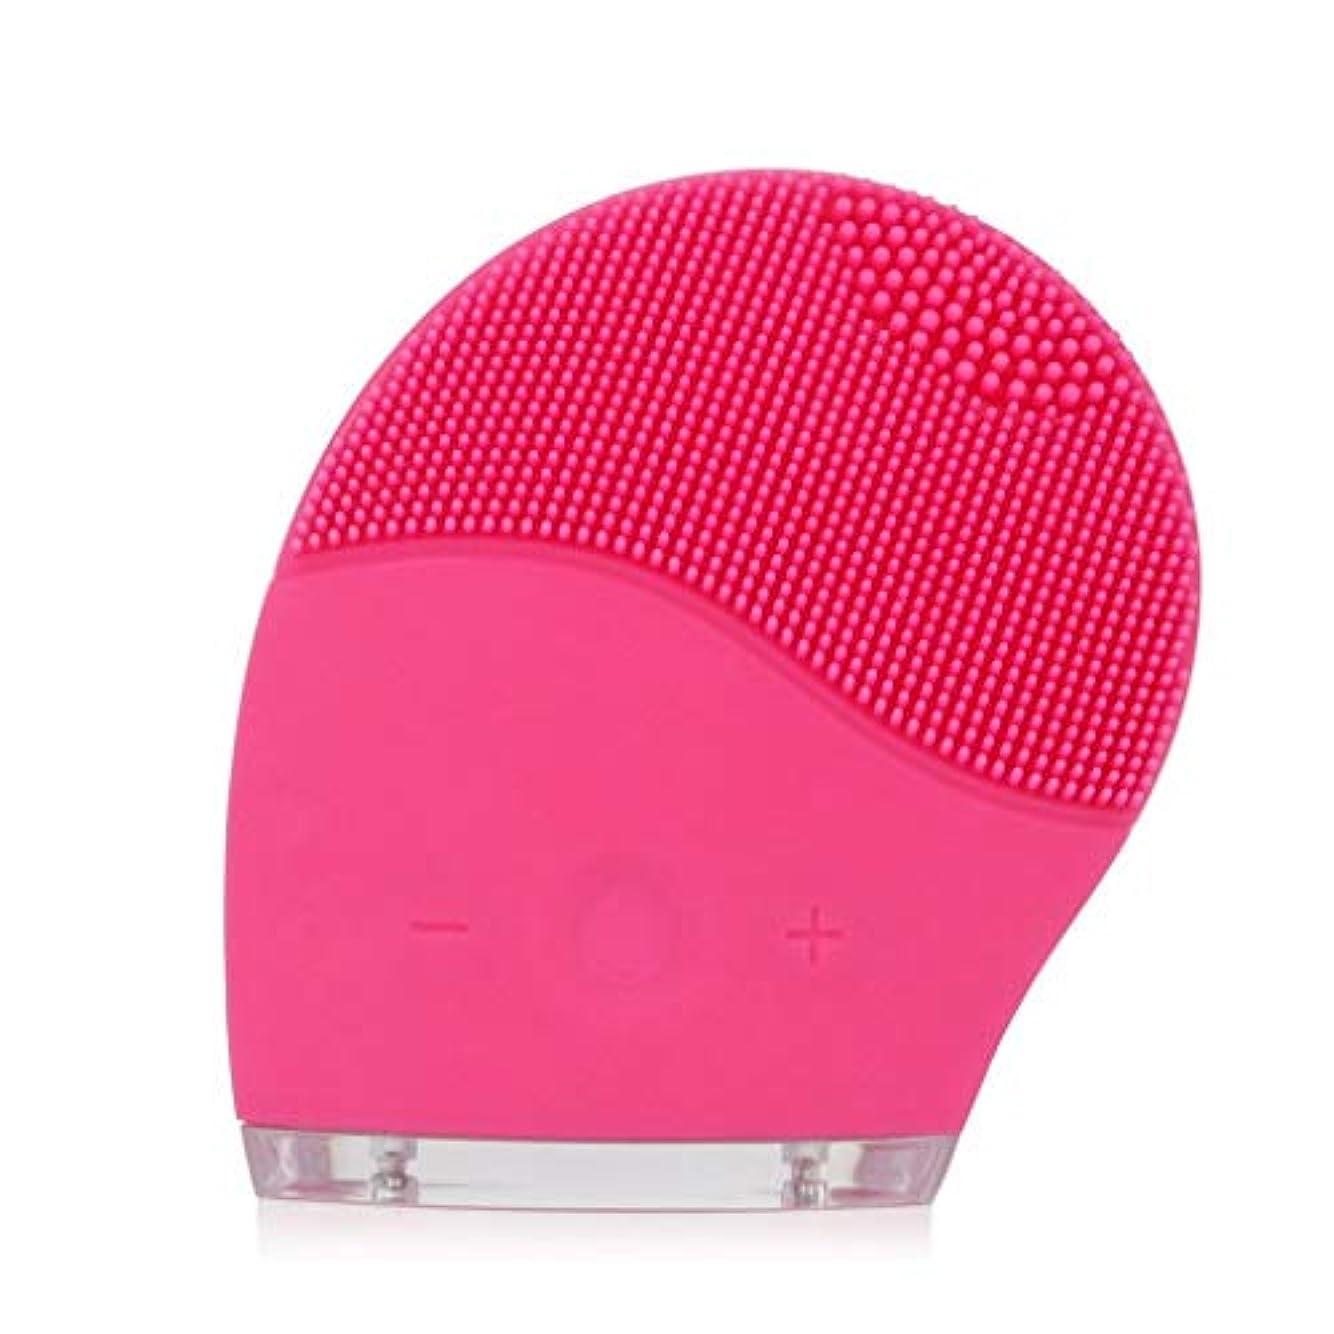 神秘的なポンペイしわフェイシャルクレンジングブラシ、電気シリコーンフェイシャルマッサージブラシ防水アンチエイジングスキンクレンザー、ディープエクスフォリエイティングメイクアップツール、フェイシャルポリッシュ、スクラブ (Color : Pink)